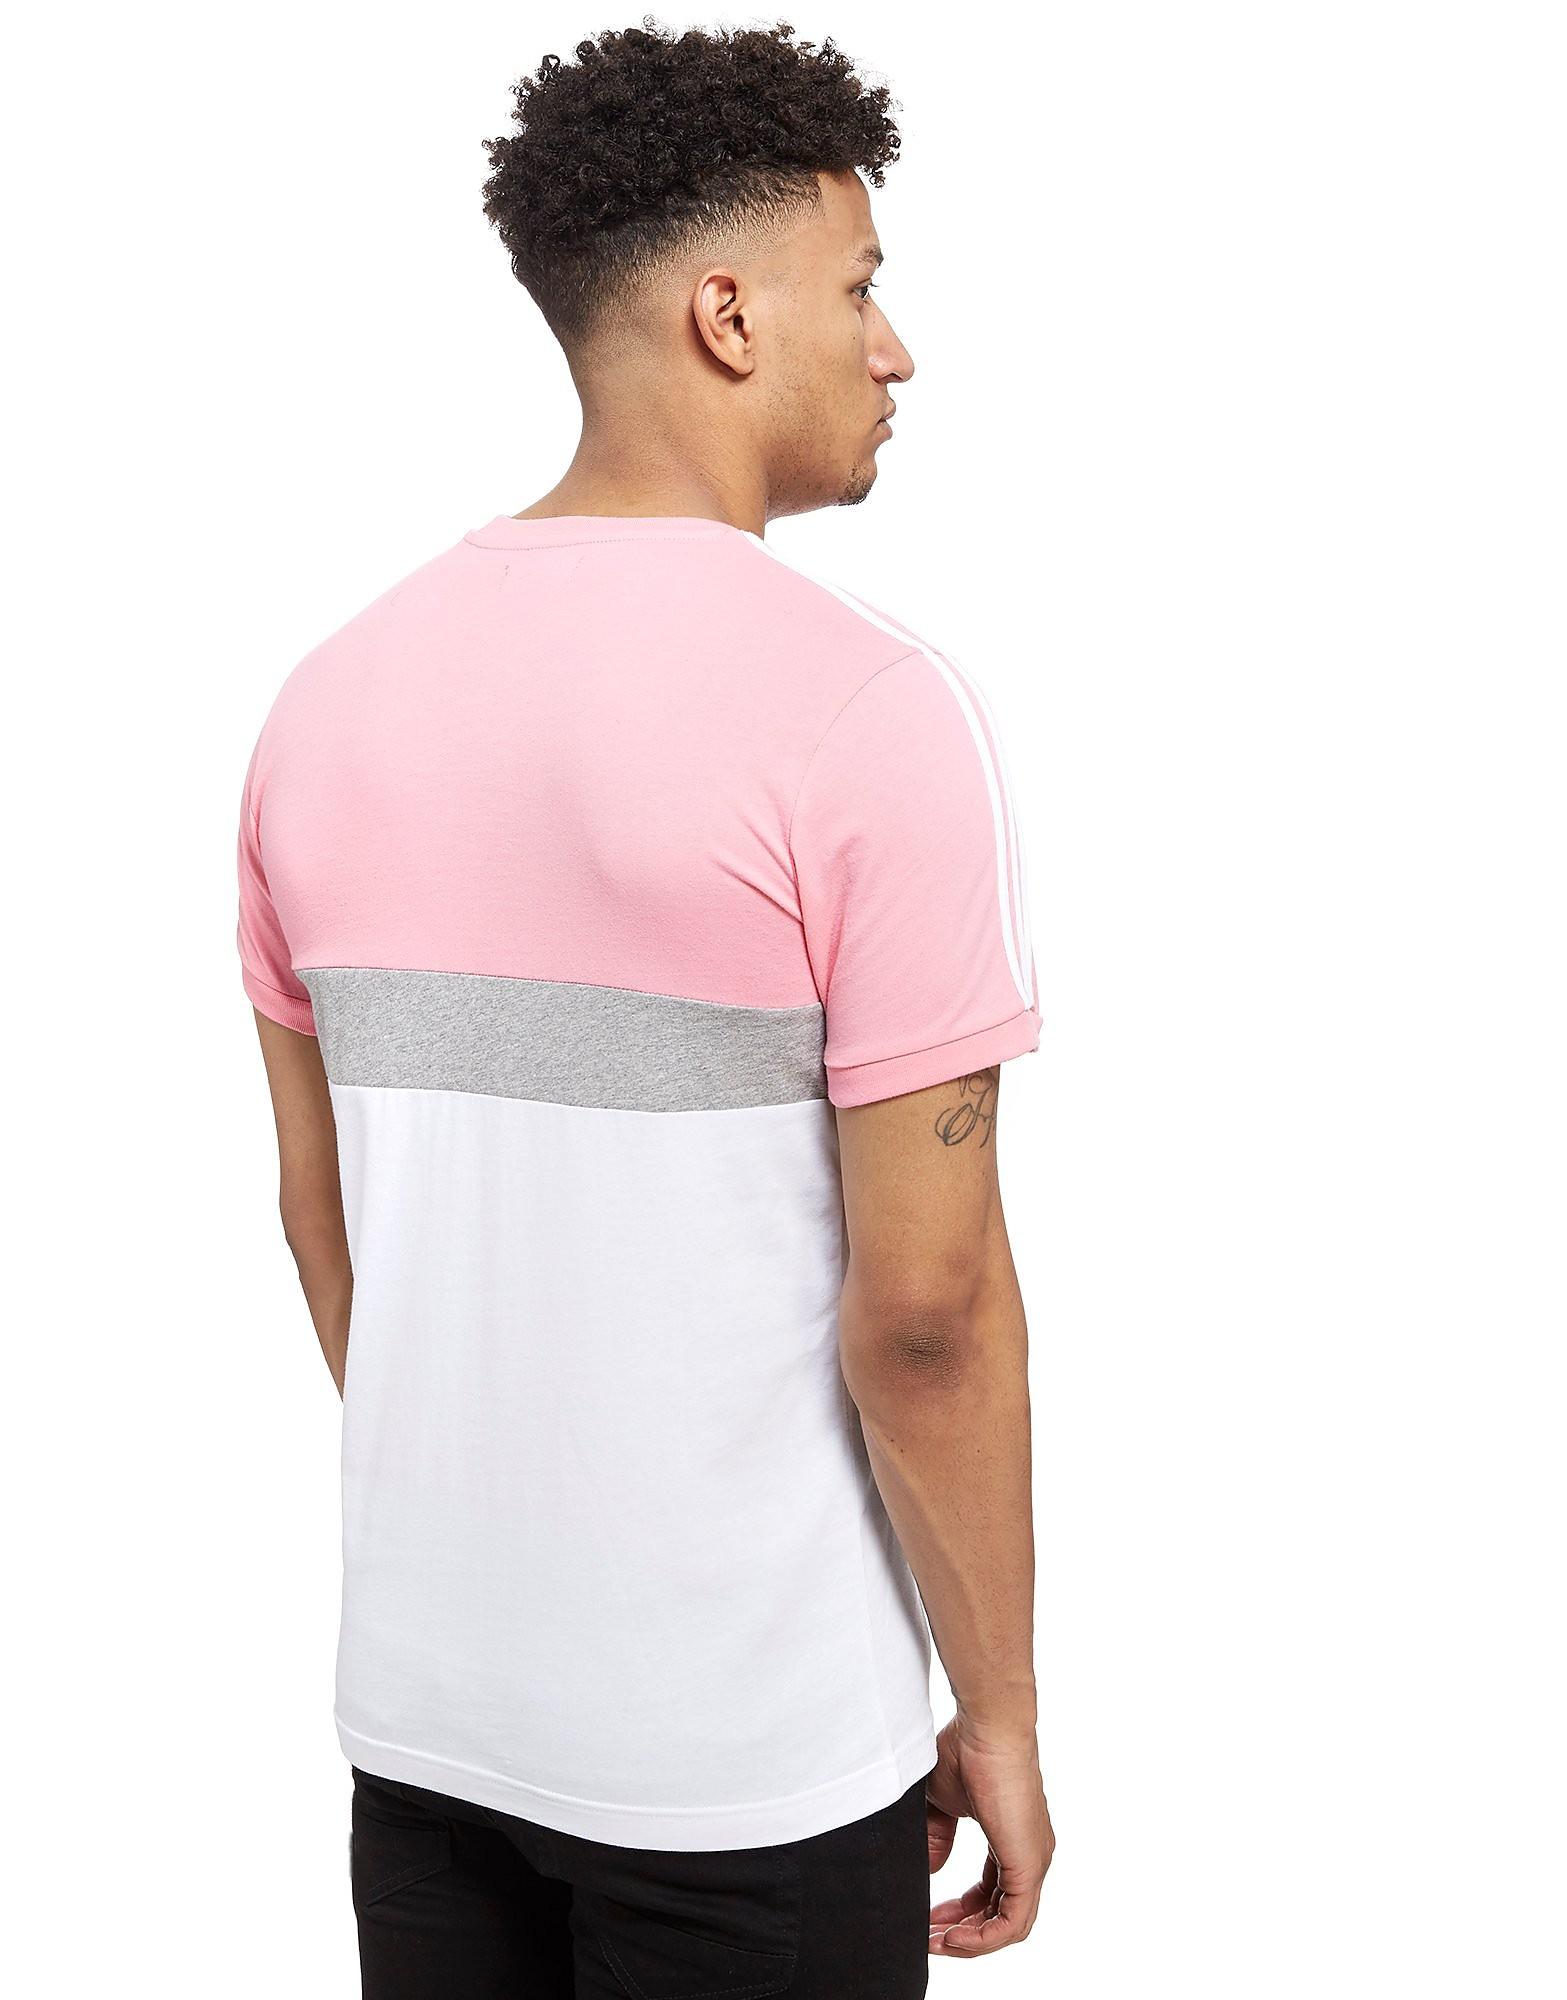 adidas Originals camiseta California 2